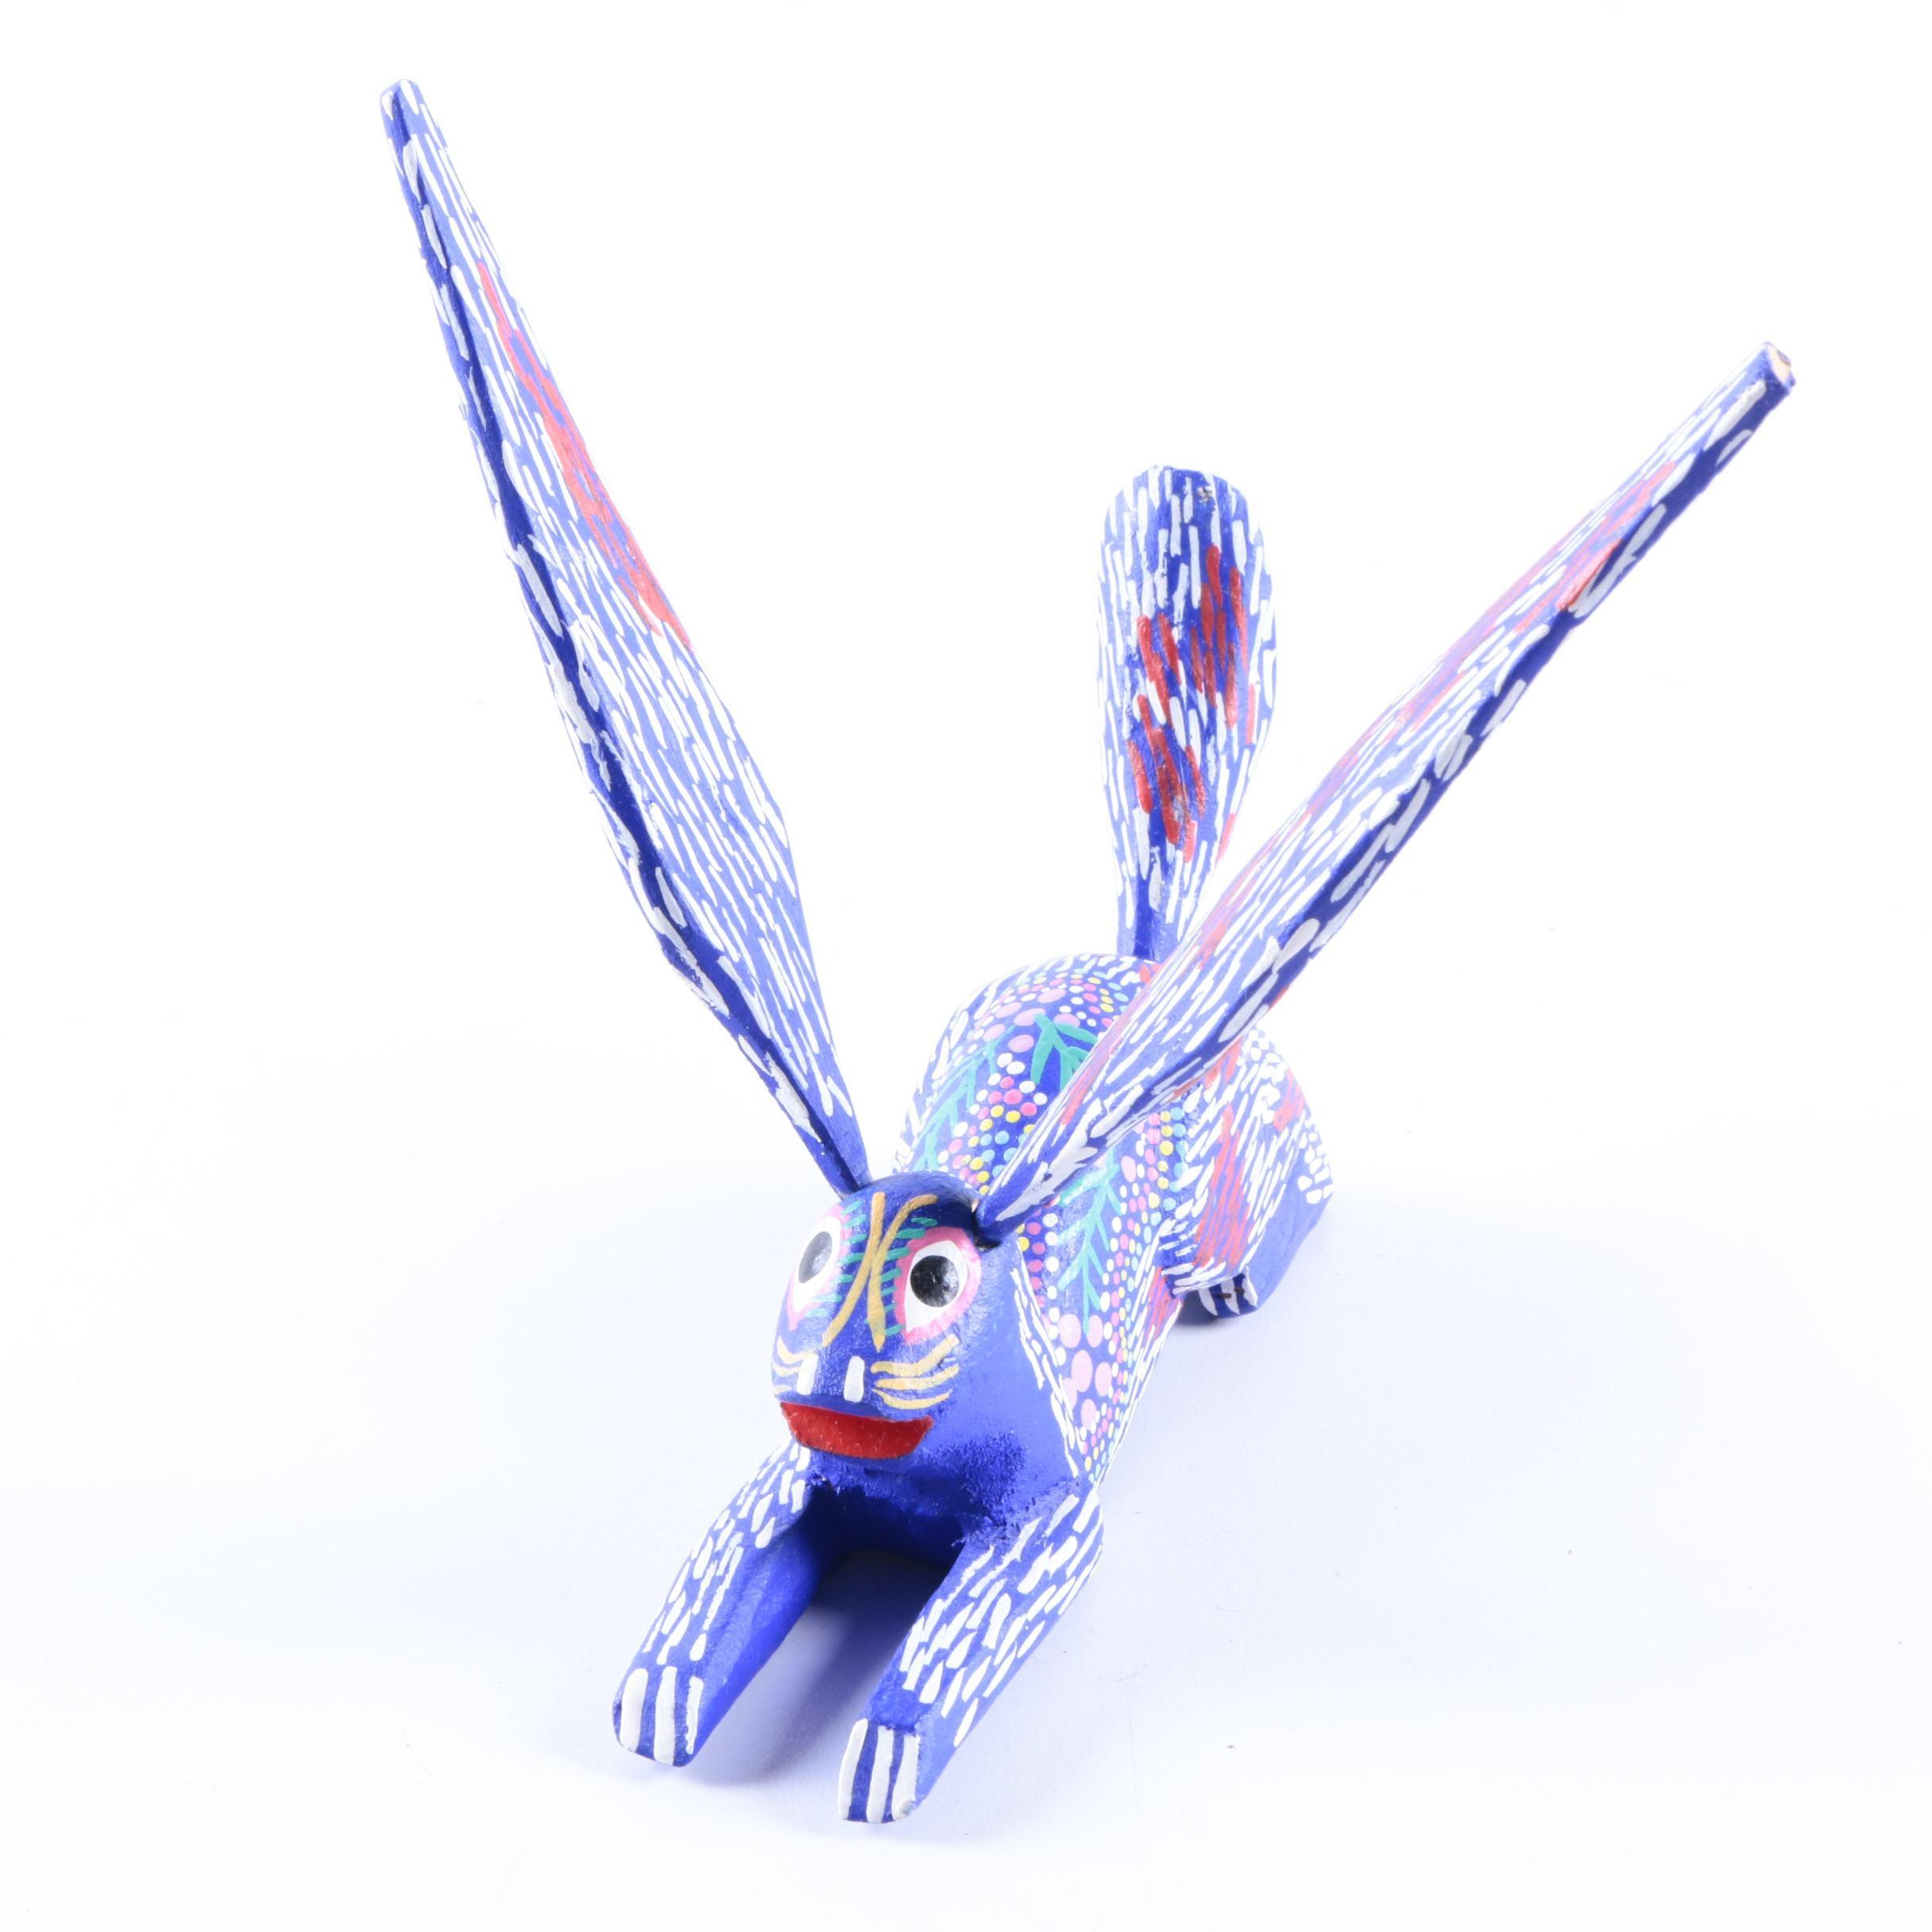 Wood Carved Stylized Rabbit Figurine